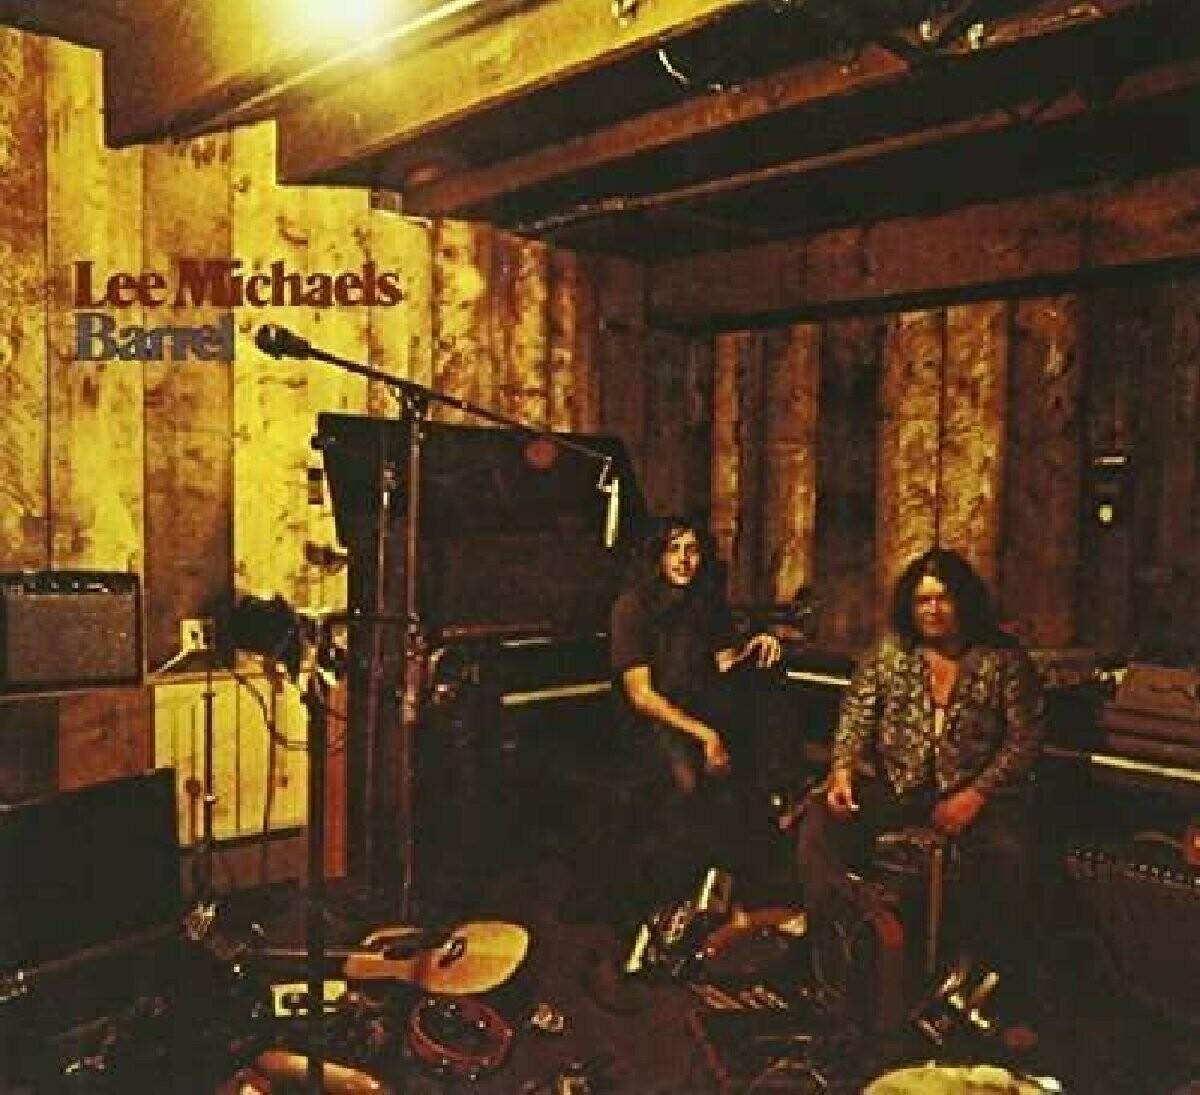 """Lee Michaels """"Barrel"""" EX+ 1970"""